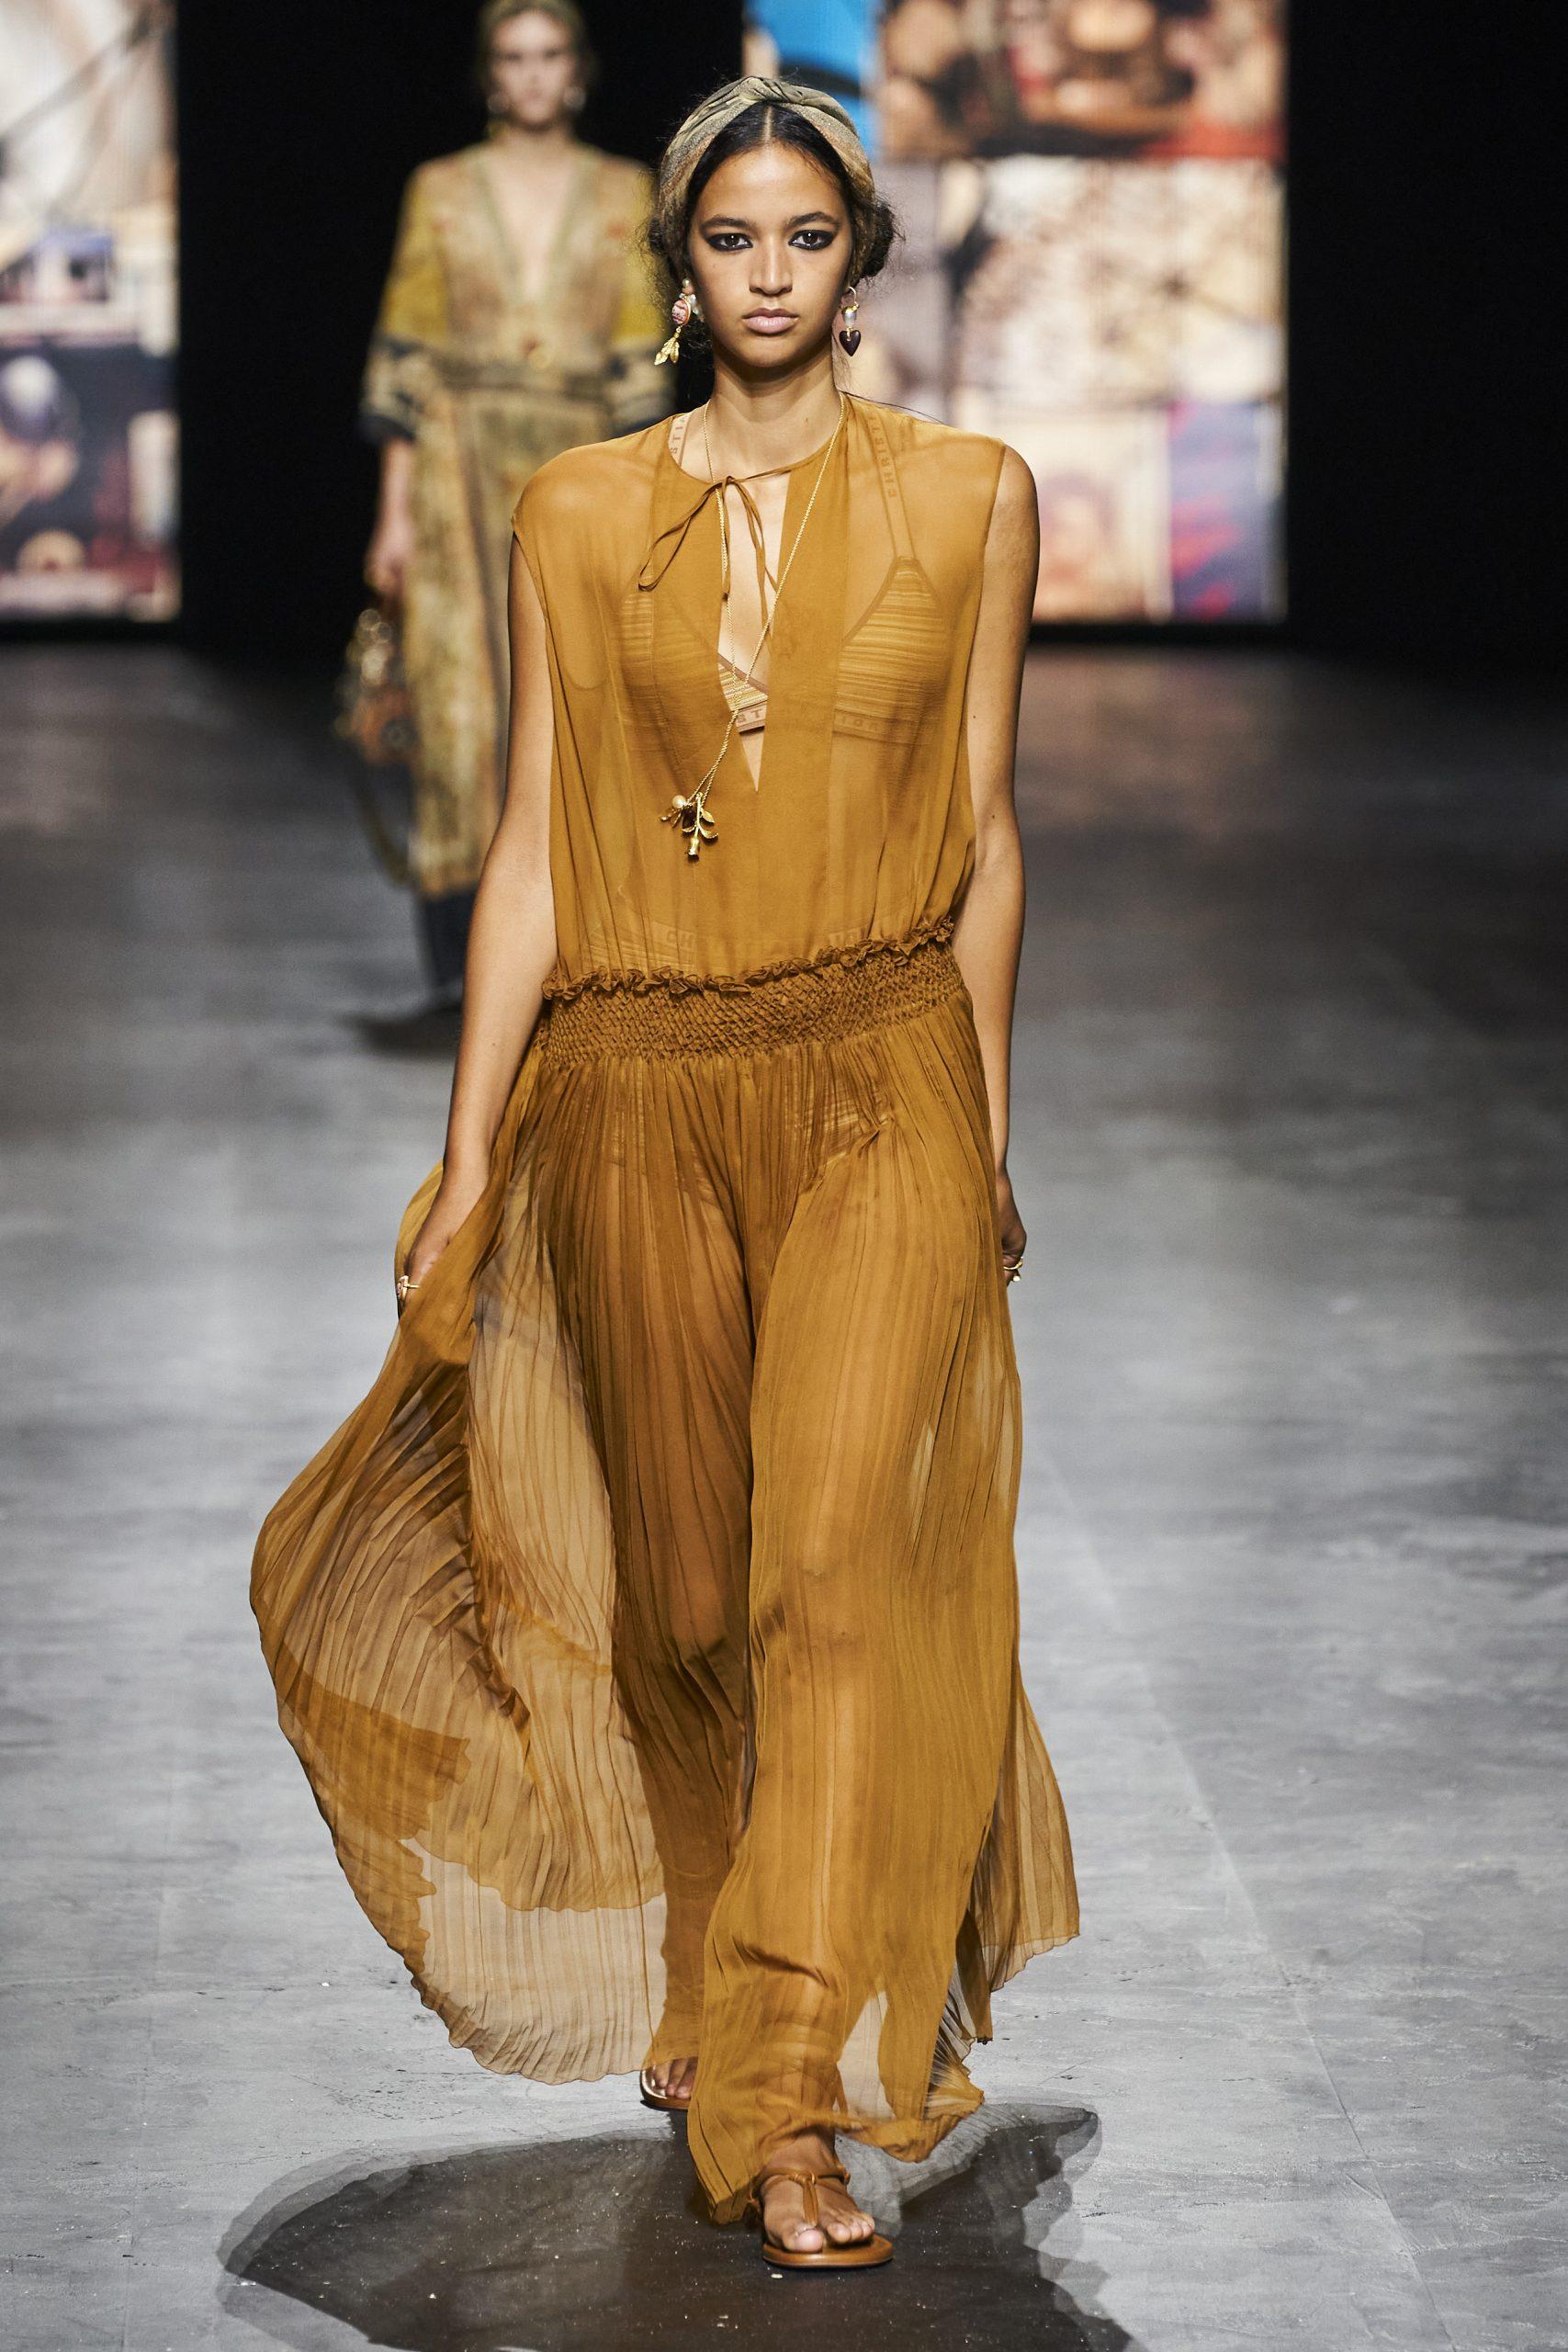 4. kép: Párizsi divathét - Christian Dior - 2021 tavasz-nyár - ready to wear